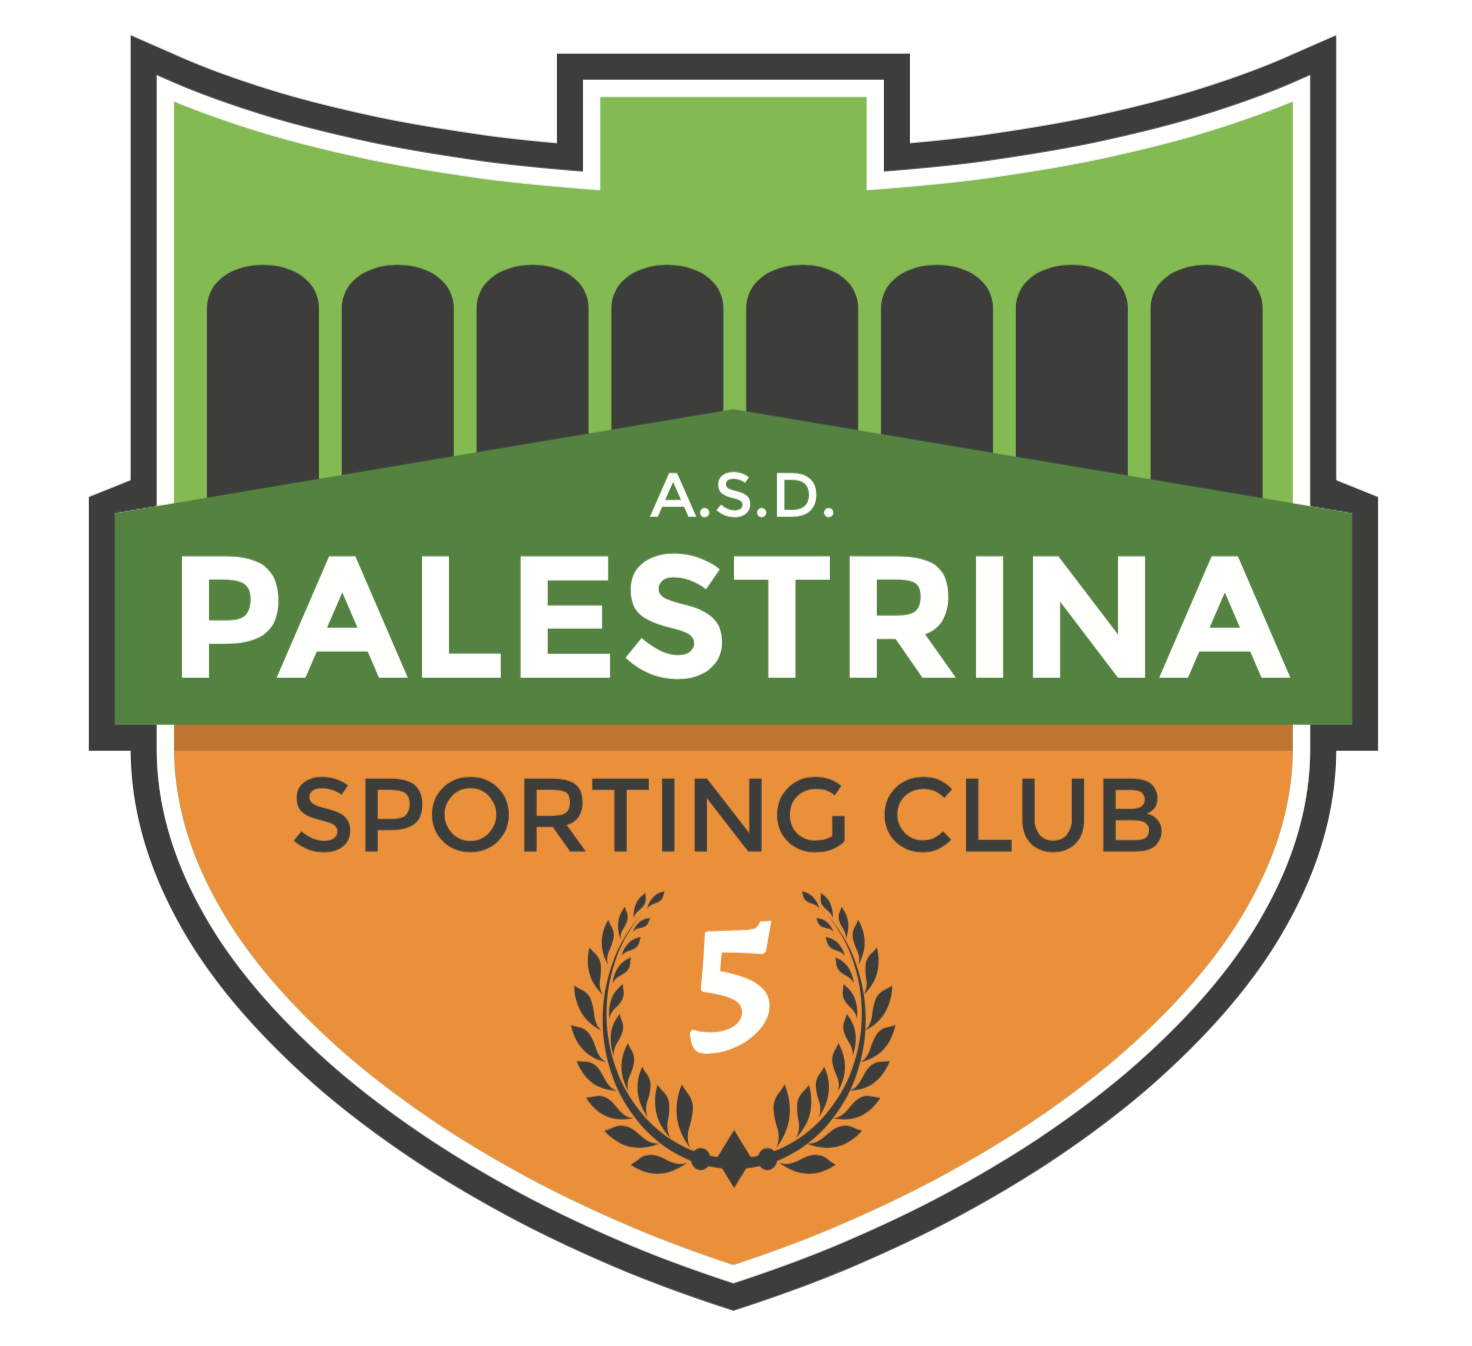 SPORTING CLUB PALESTRINA